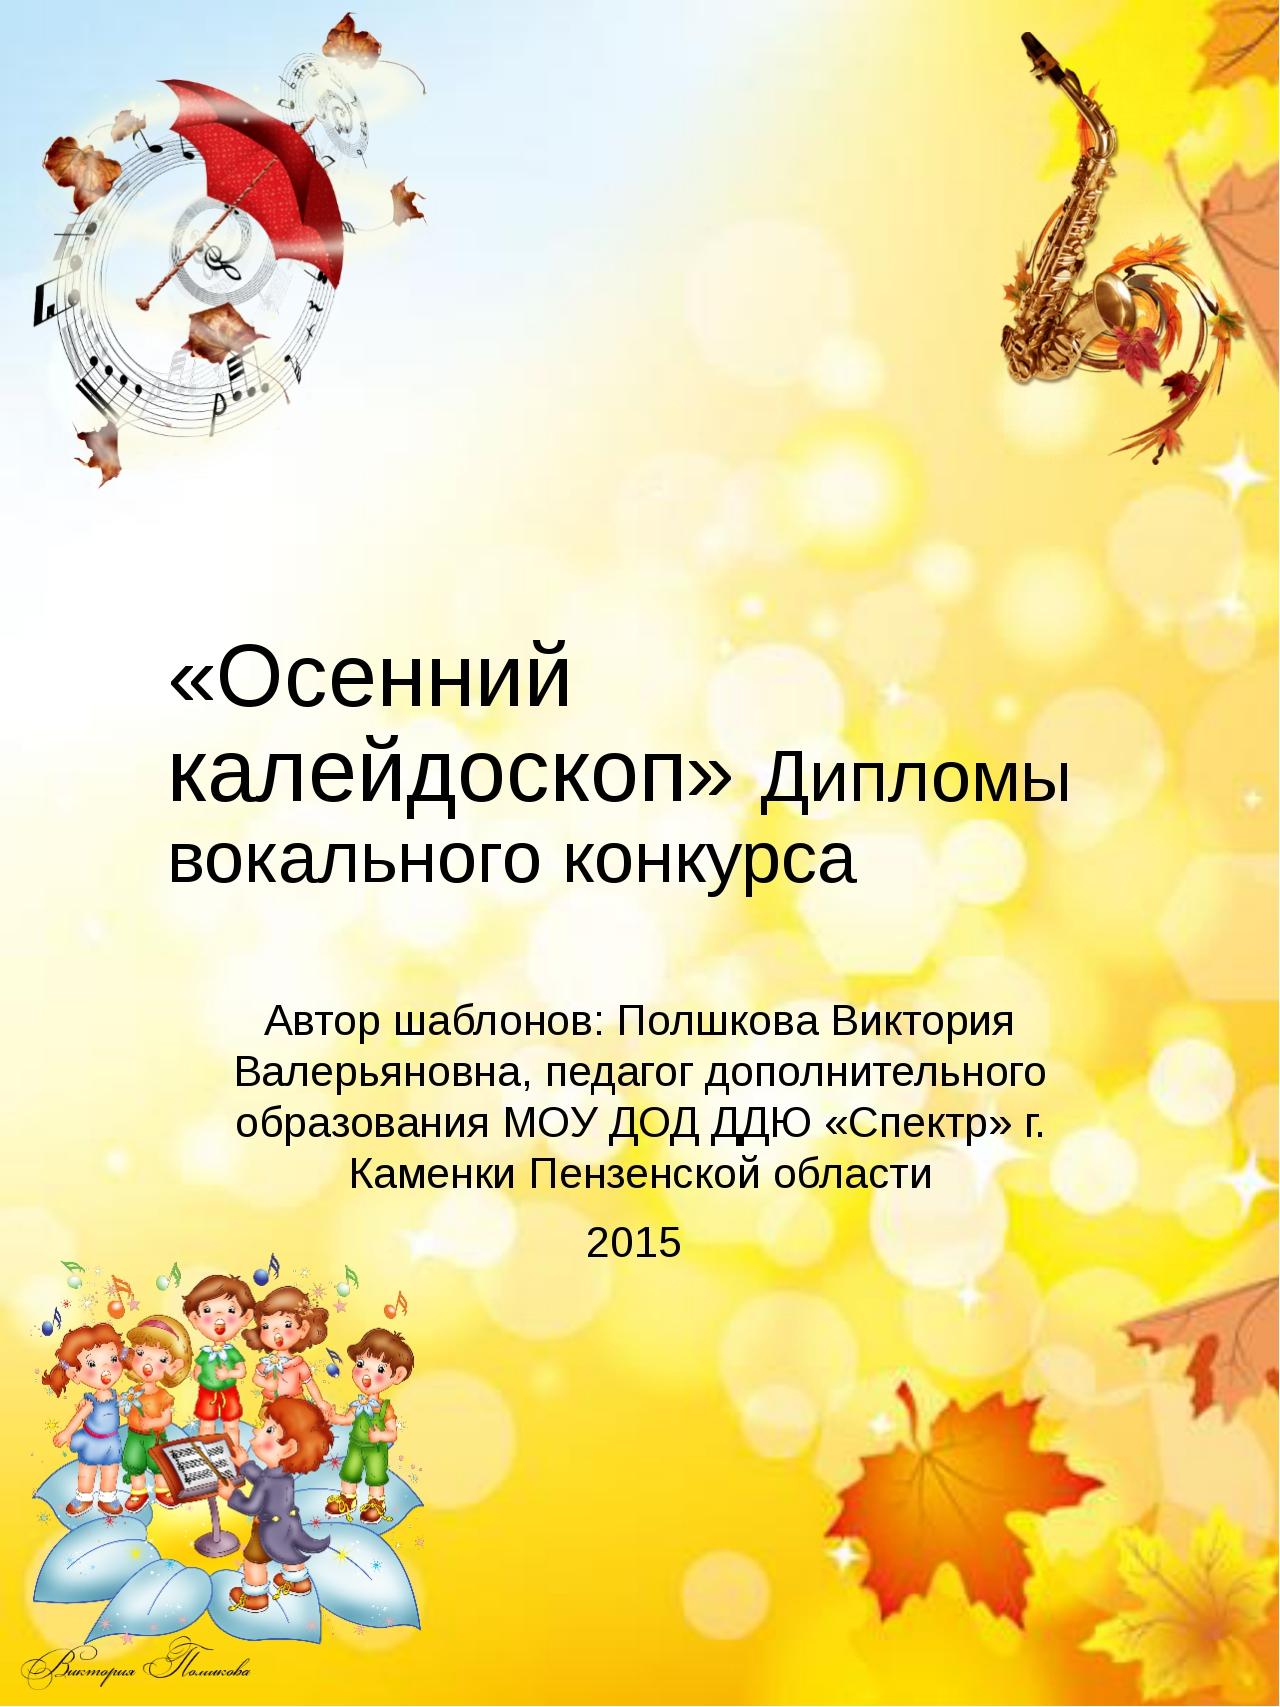 «Осенний калейдоскоп» Дипломы вокального конкурса Автор шаблонов: Полшкова Ви...